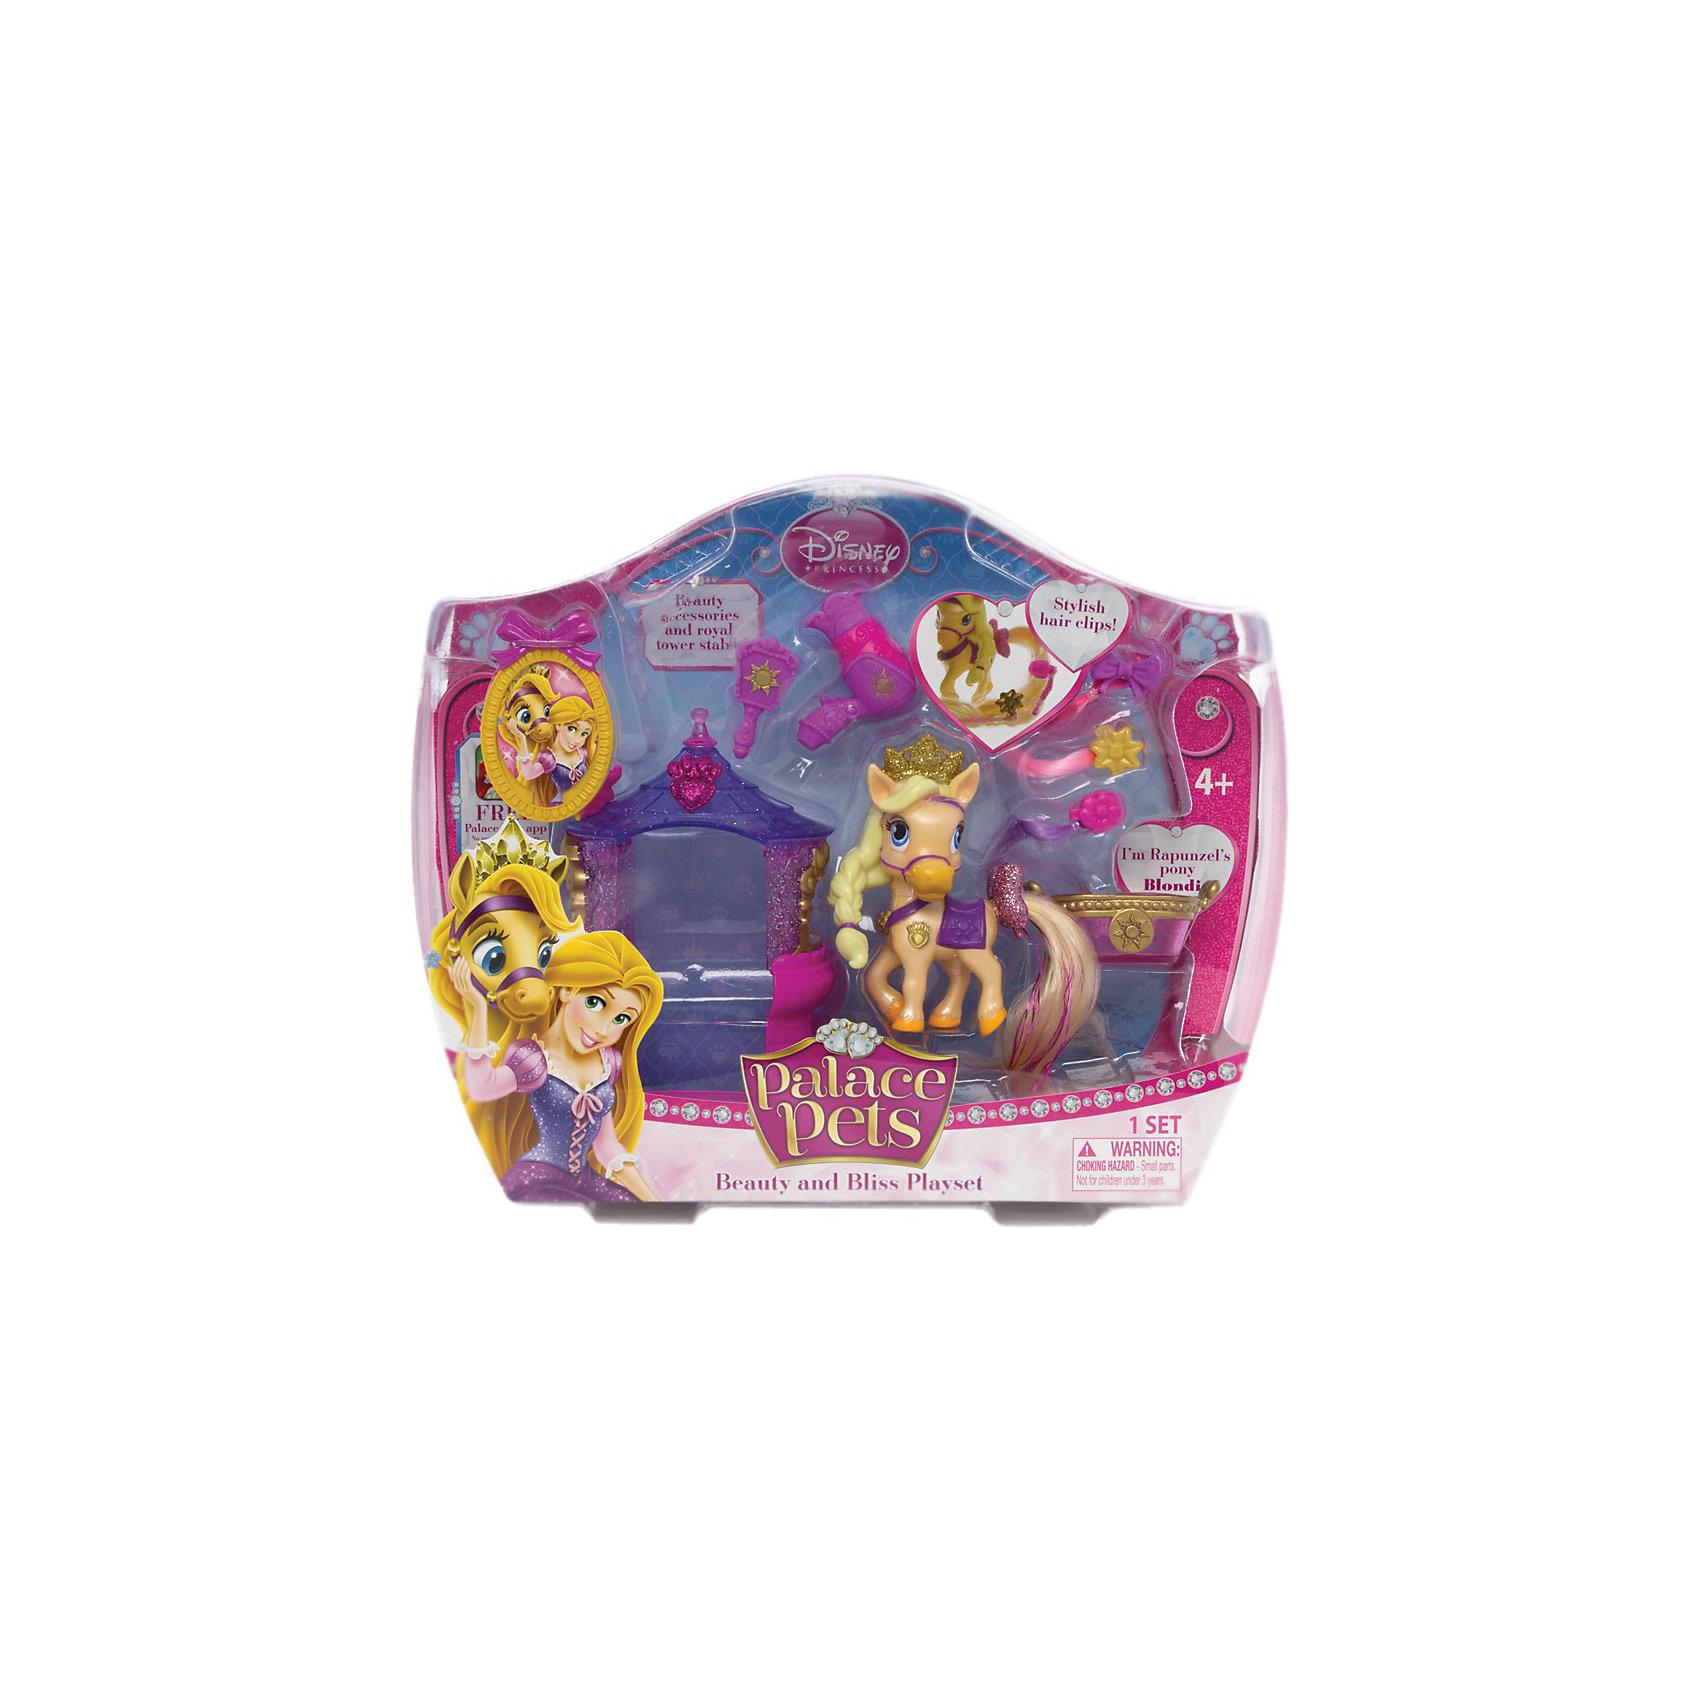 Пони Blondie (питомец Рапунцель), с аксессуарами, Palace PetsИгрушки<br>Забавный и симпатичный питомец Пони Blondie (питомец Рапунцель), с аксессуарами, Palace Pets (Дворцовые питомцы) – отличная игрушка в наборе с аксессуарами для ухода за питомцем.<br><br>У пони бежевого цвета длинная коса из пластика, корона с блестками, на шее нарисован золотистый кулон на фиолетовой ленточке, на спине - фиолетовая попона. Светлый длинный хвост Блонди можно расчесывать и прикреплять на него клипсы с цветными прядями. У основания хвоста есть блестящий розовый бантик. <br><br>Дополнительная информация:<br>-Высота зверюшки: около 8 см<br>-Материалы: пластик<br>-Комплектация: питомец, 1 башня-домик, 1 щетка, 3 клипсы-пряди, 1 буклет, 1 фен, 1 фоторамка, корзина<br><br>Играйте вместе с домашним питомцем принцессы Рапунцель - пони Блонди! Любая девочка будет очарована таким подарком!<br><br>Пони Blondie (Блонди) (питомец Рапунцель), с аксессуарами, Palace Pets (Дворцовые питомцы) можно купить в нашем магазине.<br><br>Ширина мм: 266<br>Глубина мм: 89<br>Высота мм: 215<br>Вес г: 243<br>Возраст от месяцев: 36<br>Возраст до месяцев: 144<br>Пол: Женский<br>Возраст: Детский<br>SKU: 3676459